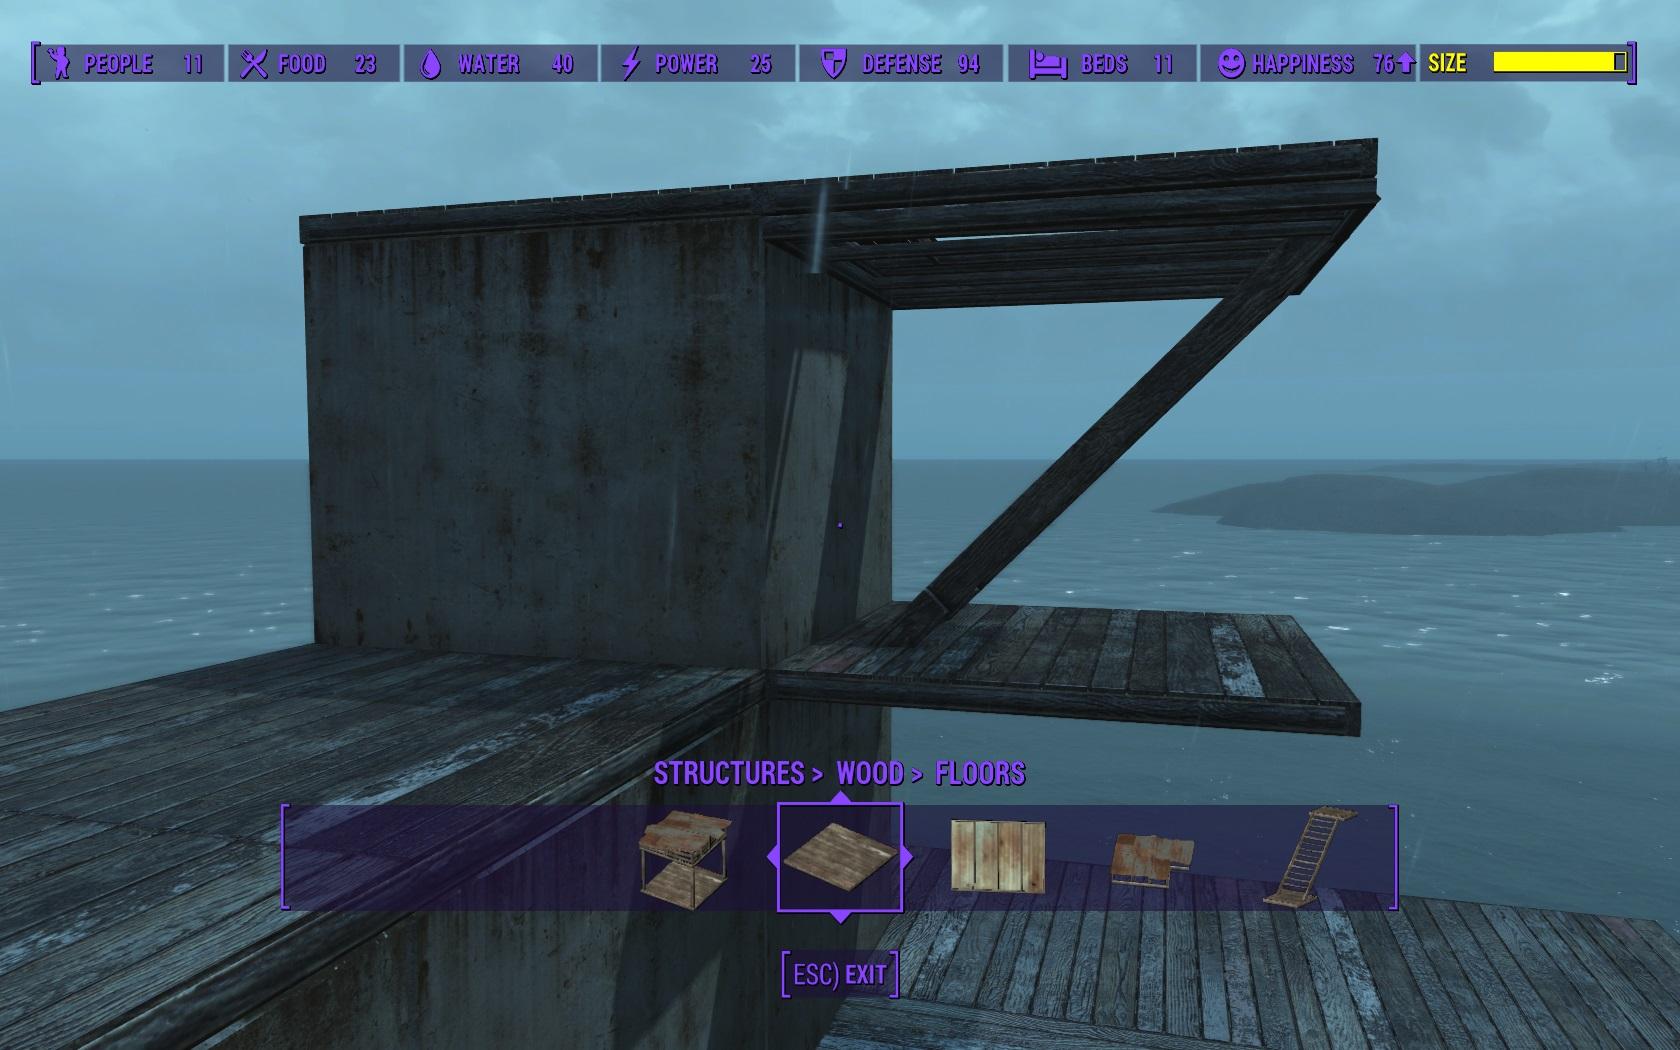 восстановление стен замка fallout 4 мод